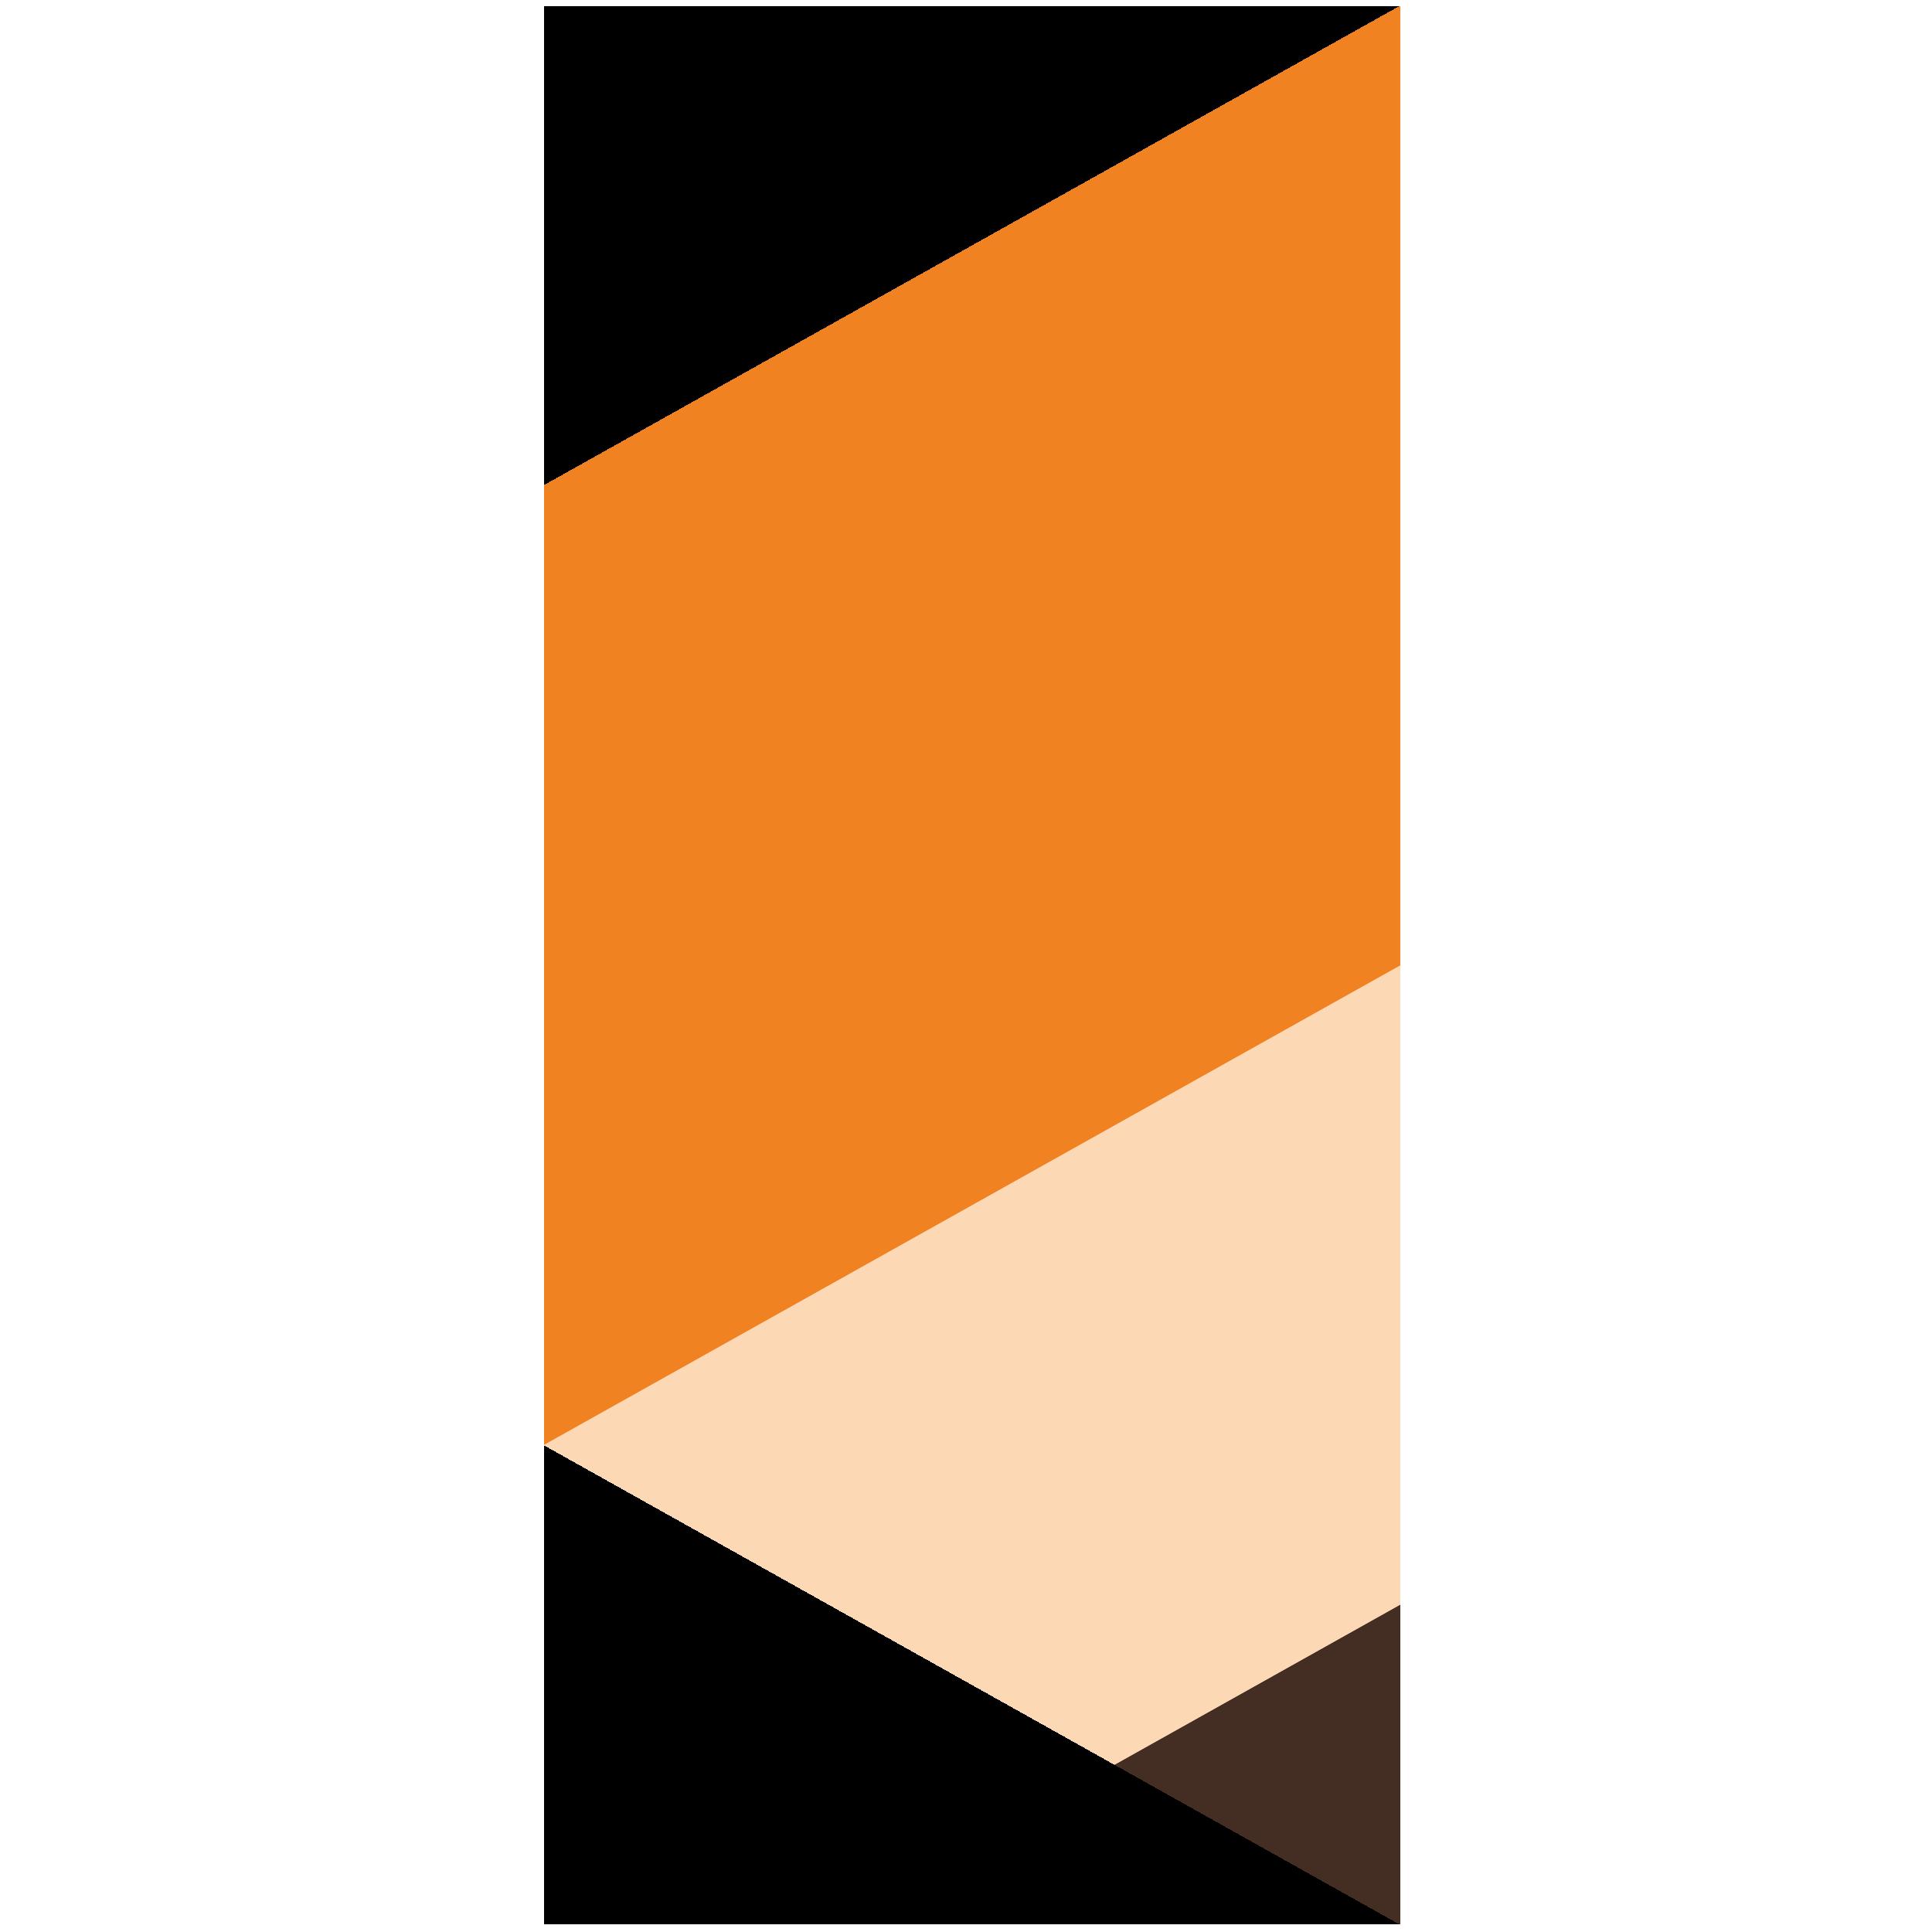 Skrivesenter logo kvadrat